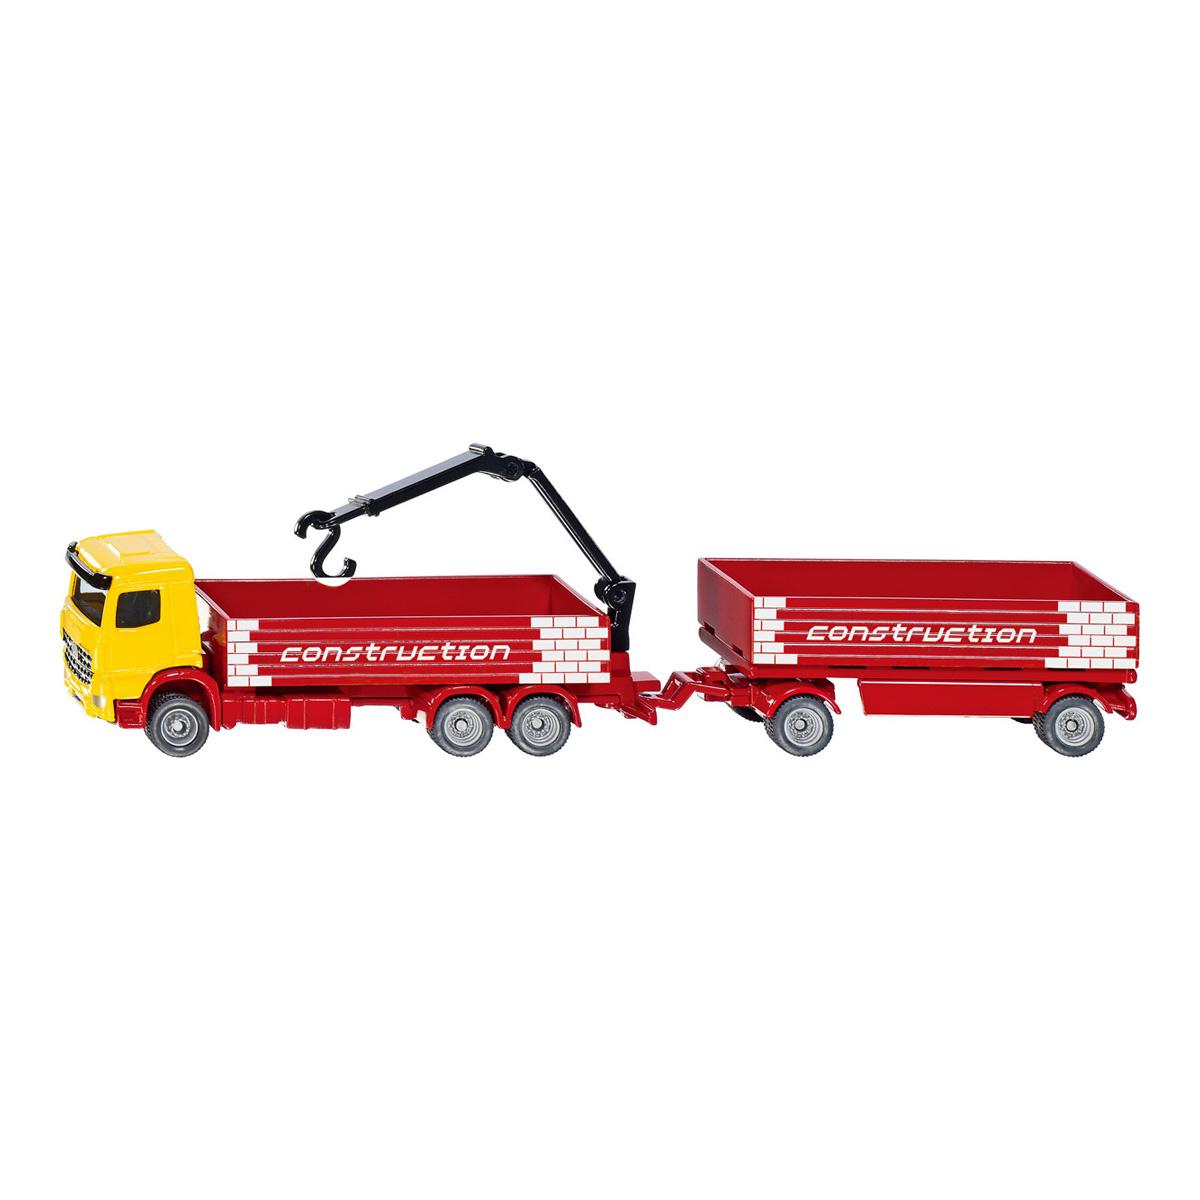 建材運搬用トラック トレーラー付き (ジク・SIKU)1:87